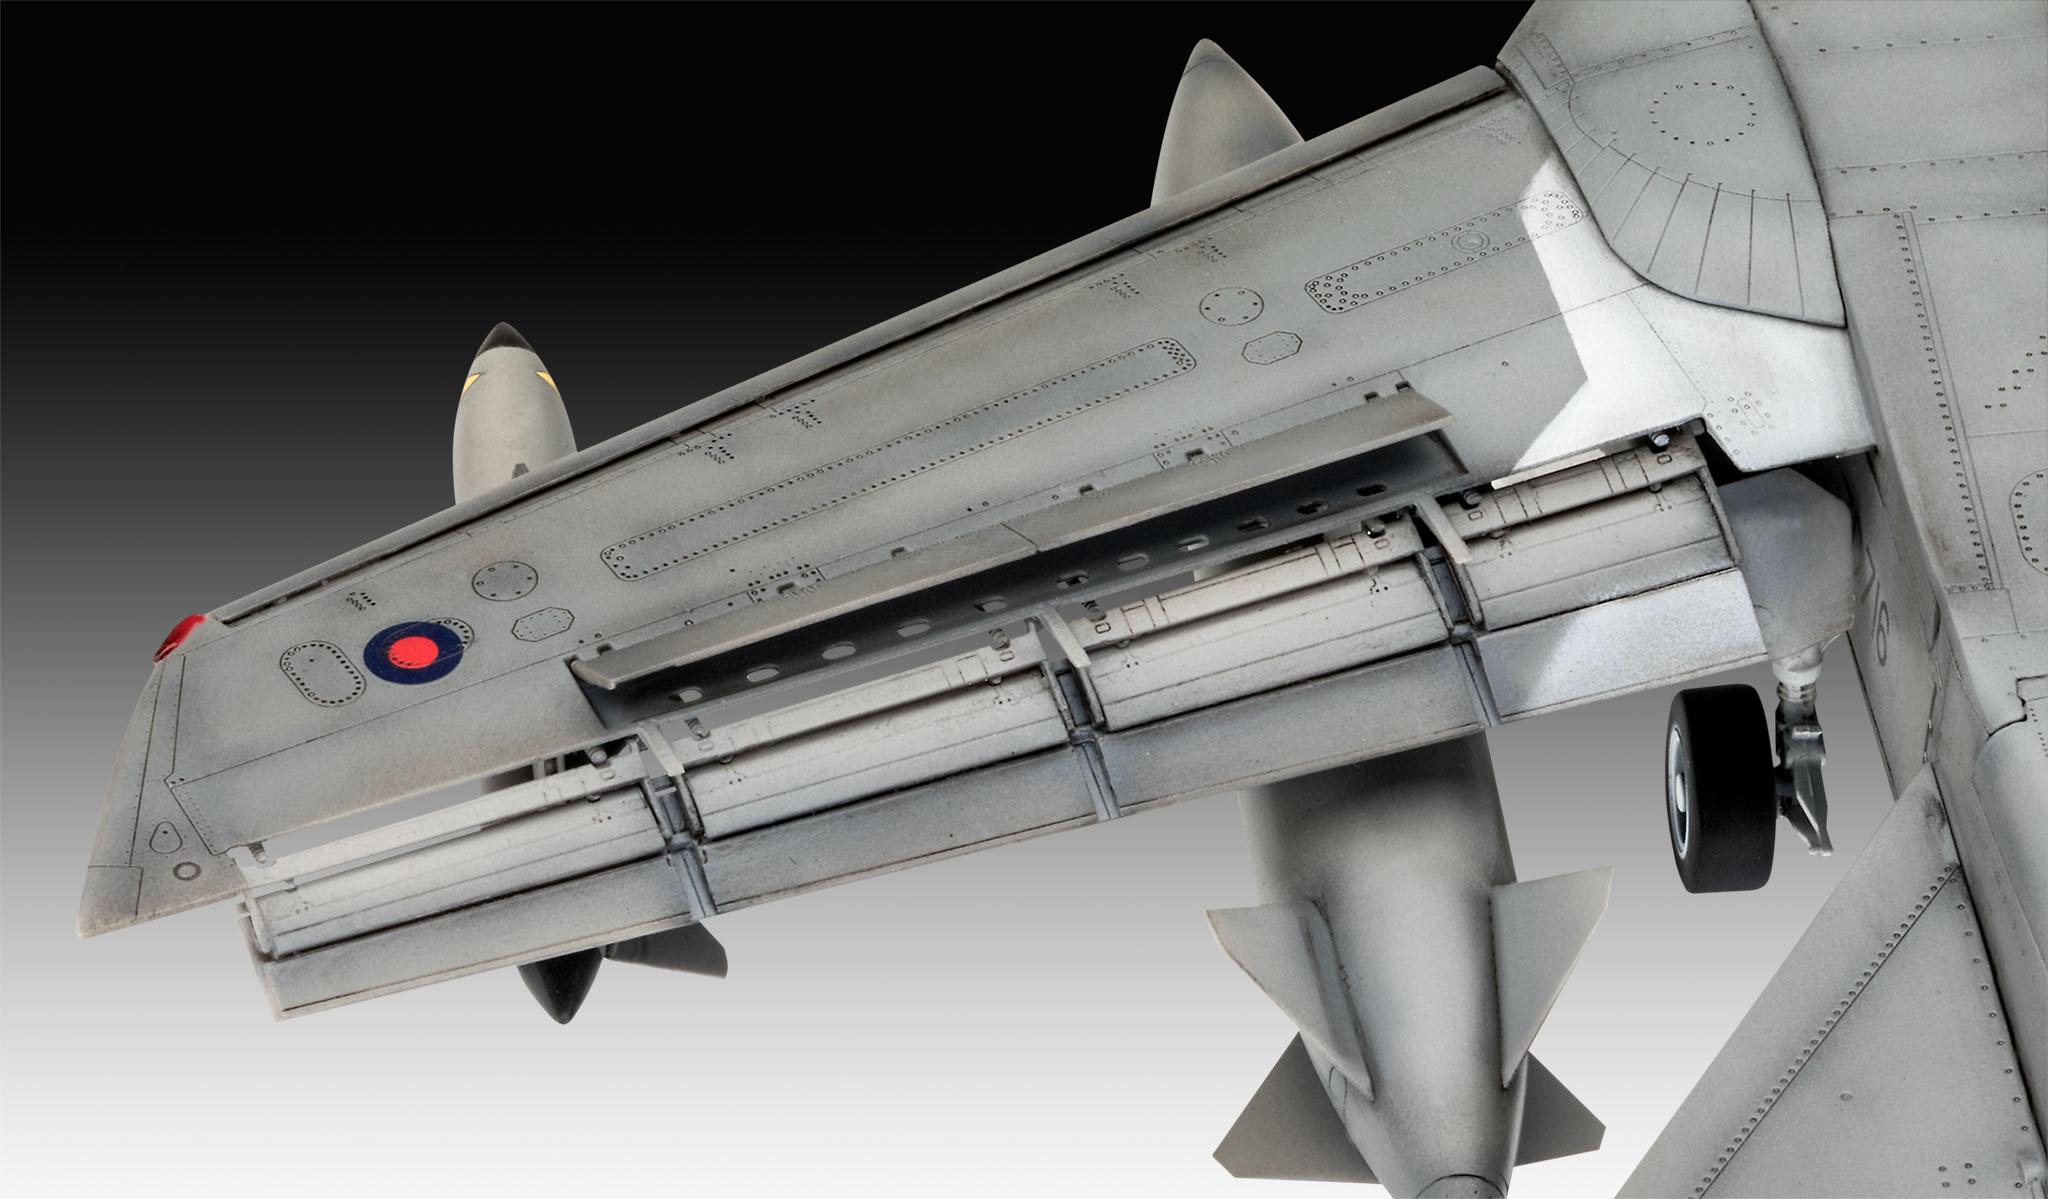 RV03853 Revell-Tornado GR.4 Farewell Maqueta Fiel al Original para Expertos Color Plateado